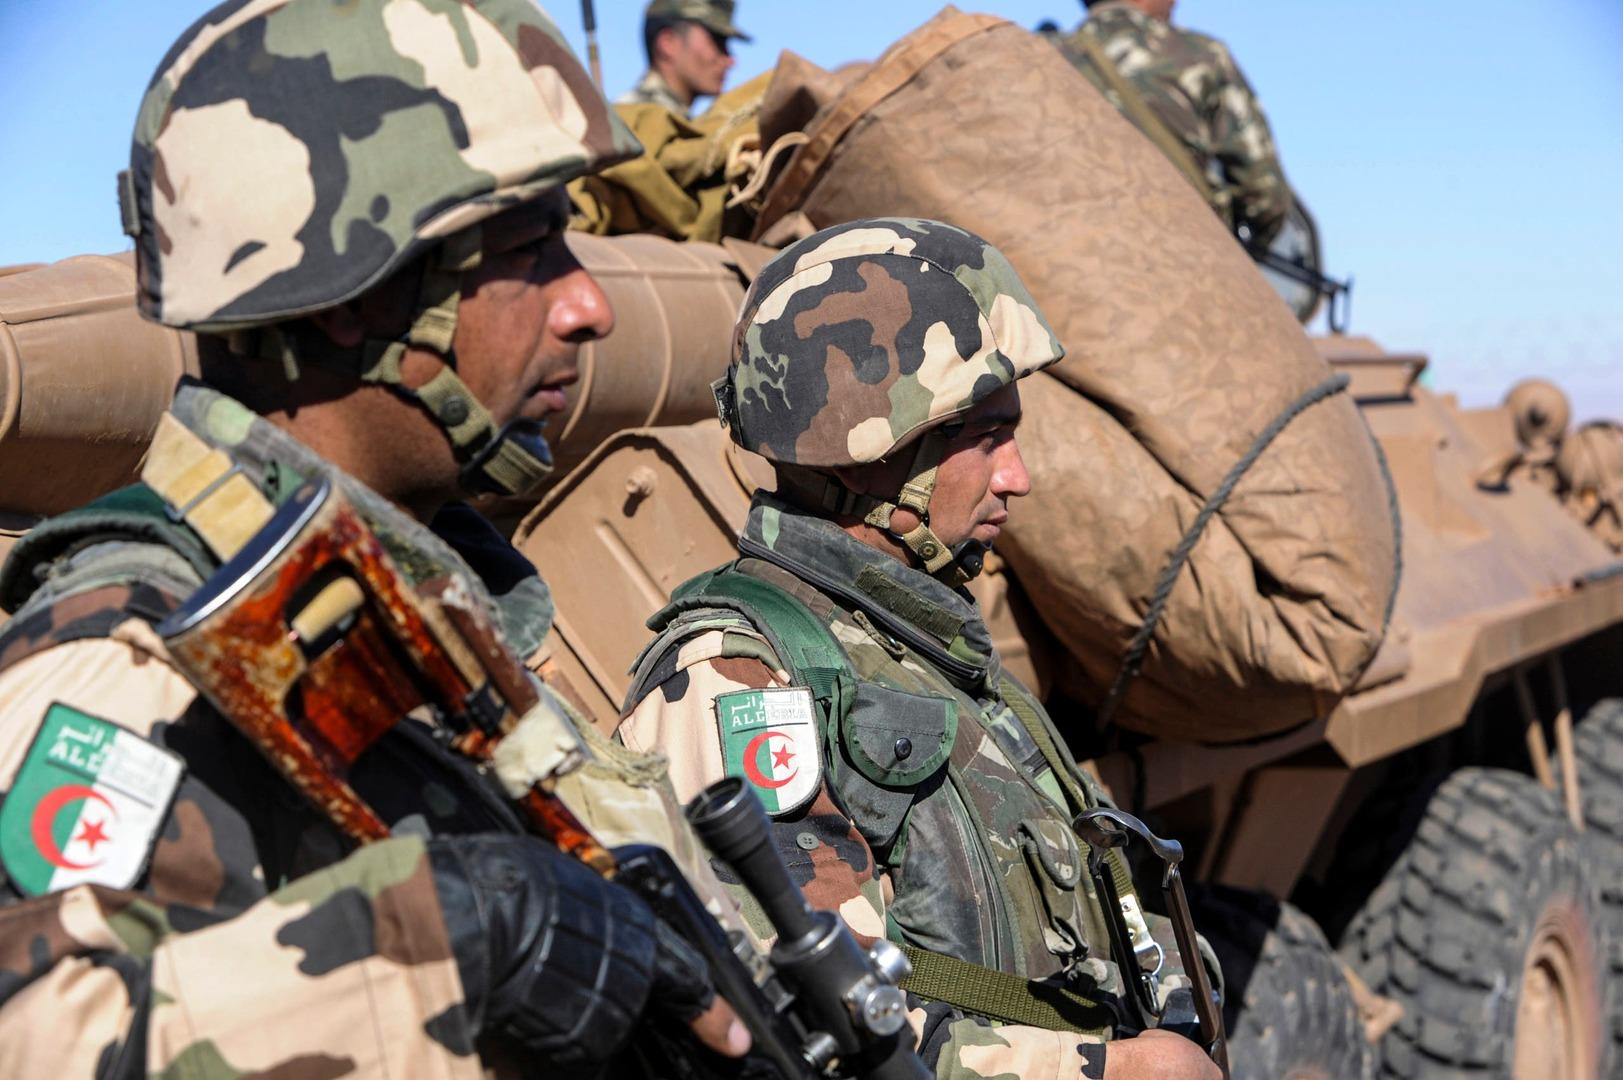 مجلة روسية: السلاح الروسي يجعل جيش الجزائر الأقوى في شمال إفريقيا